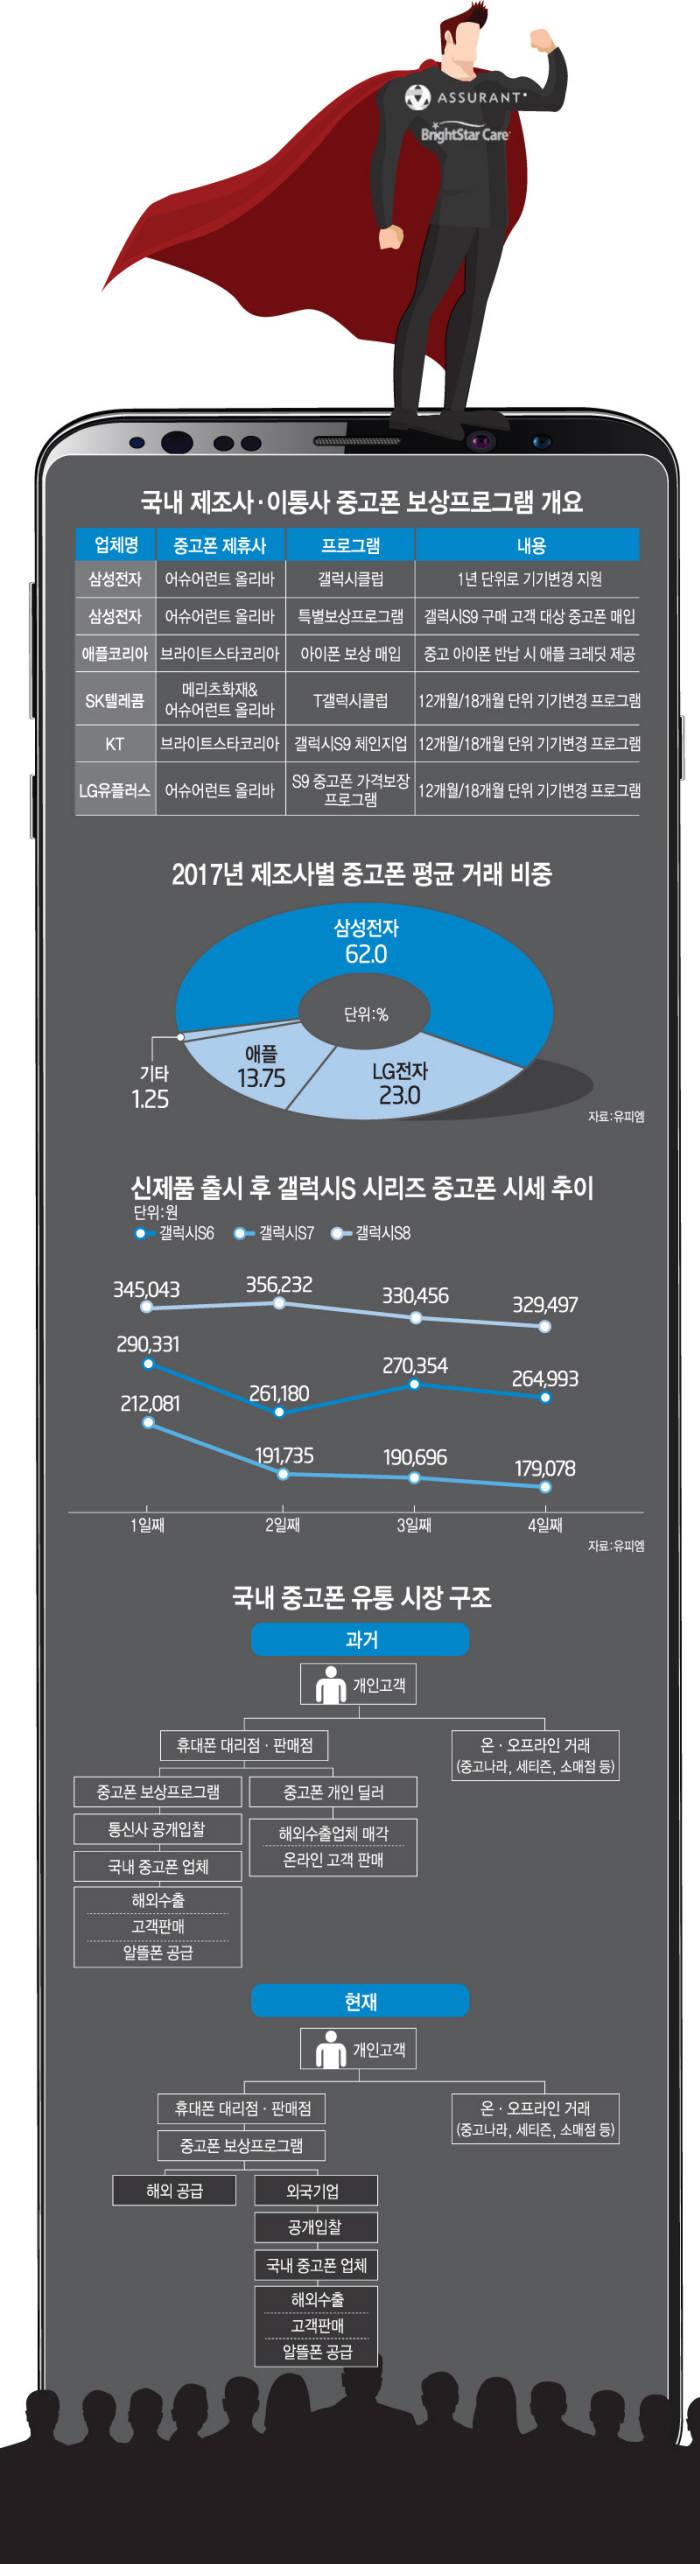 [이슈분석]외국계 기업이 잠식한 '韓 중고폰 시장'